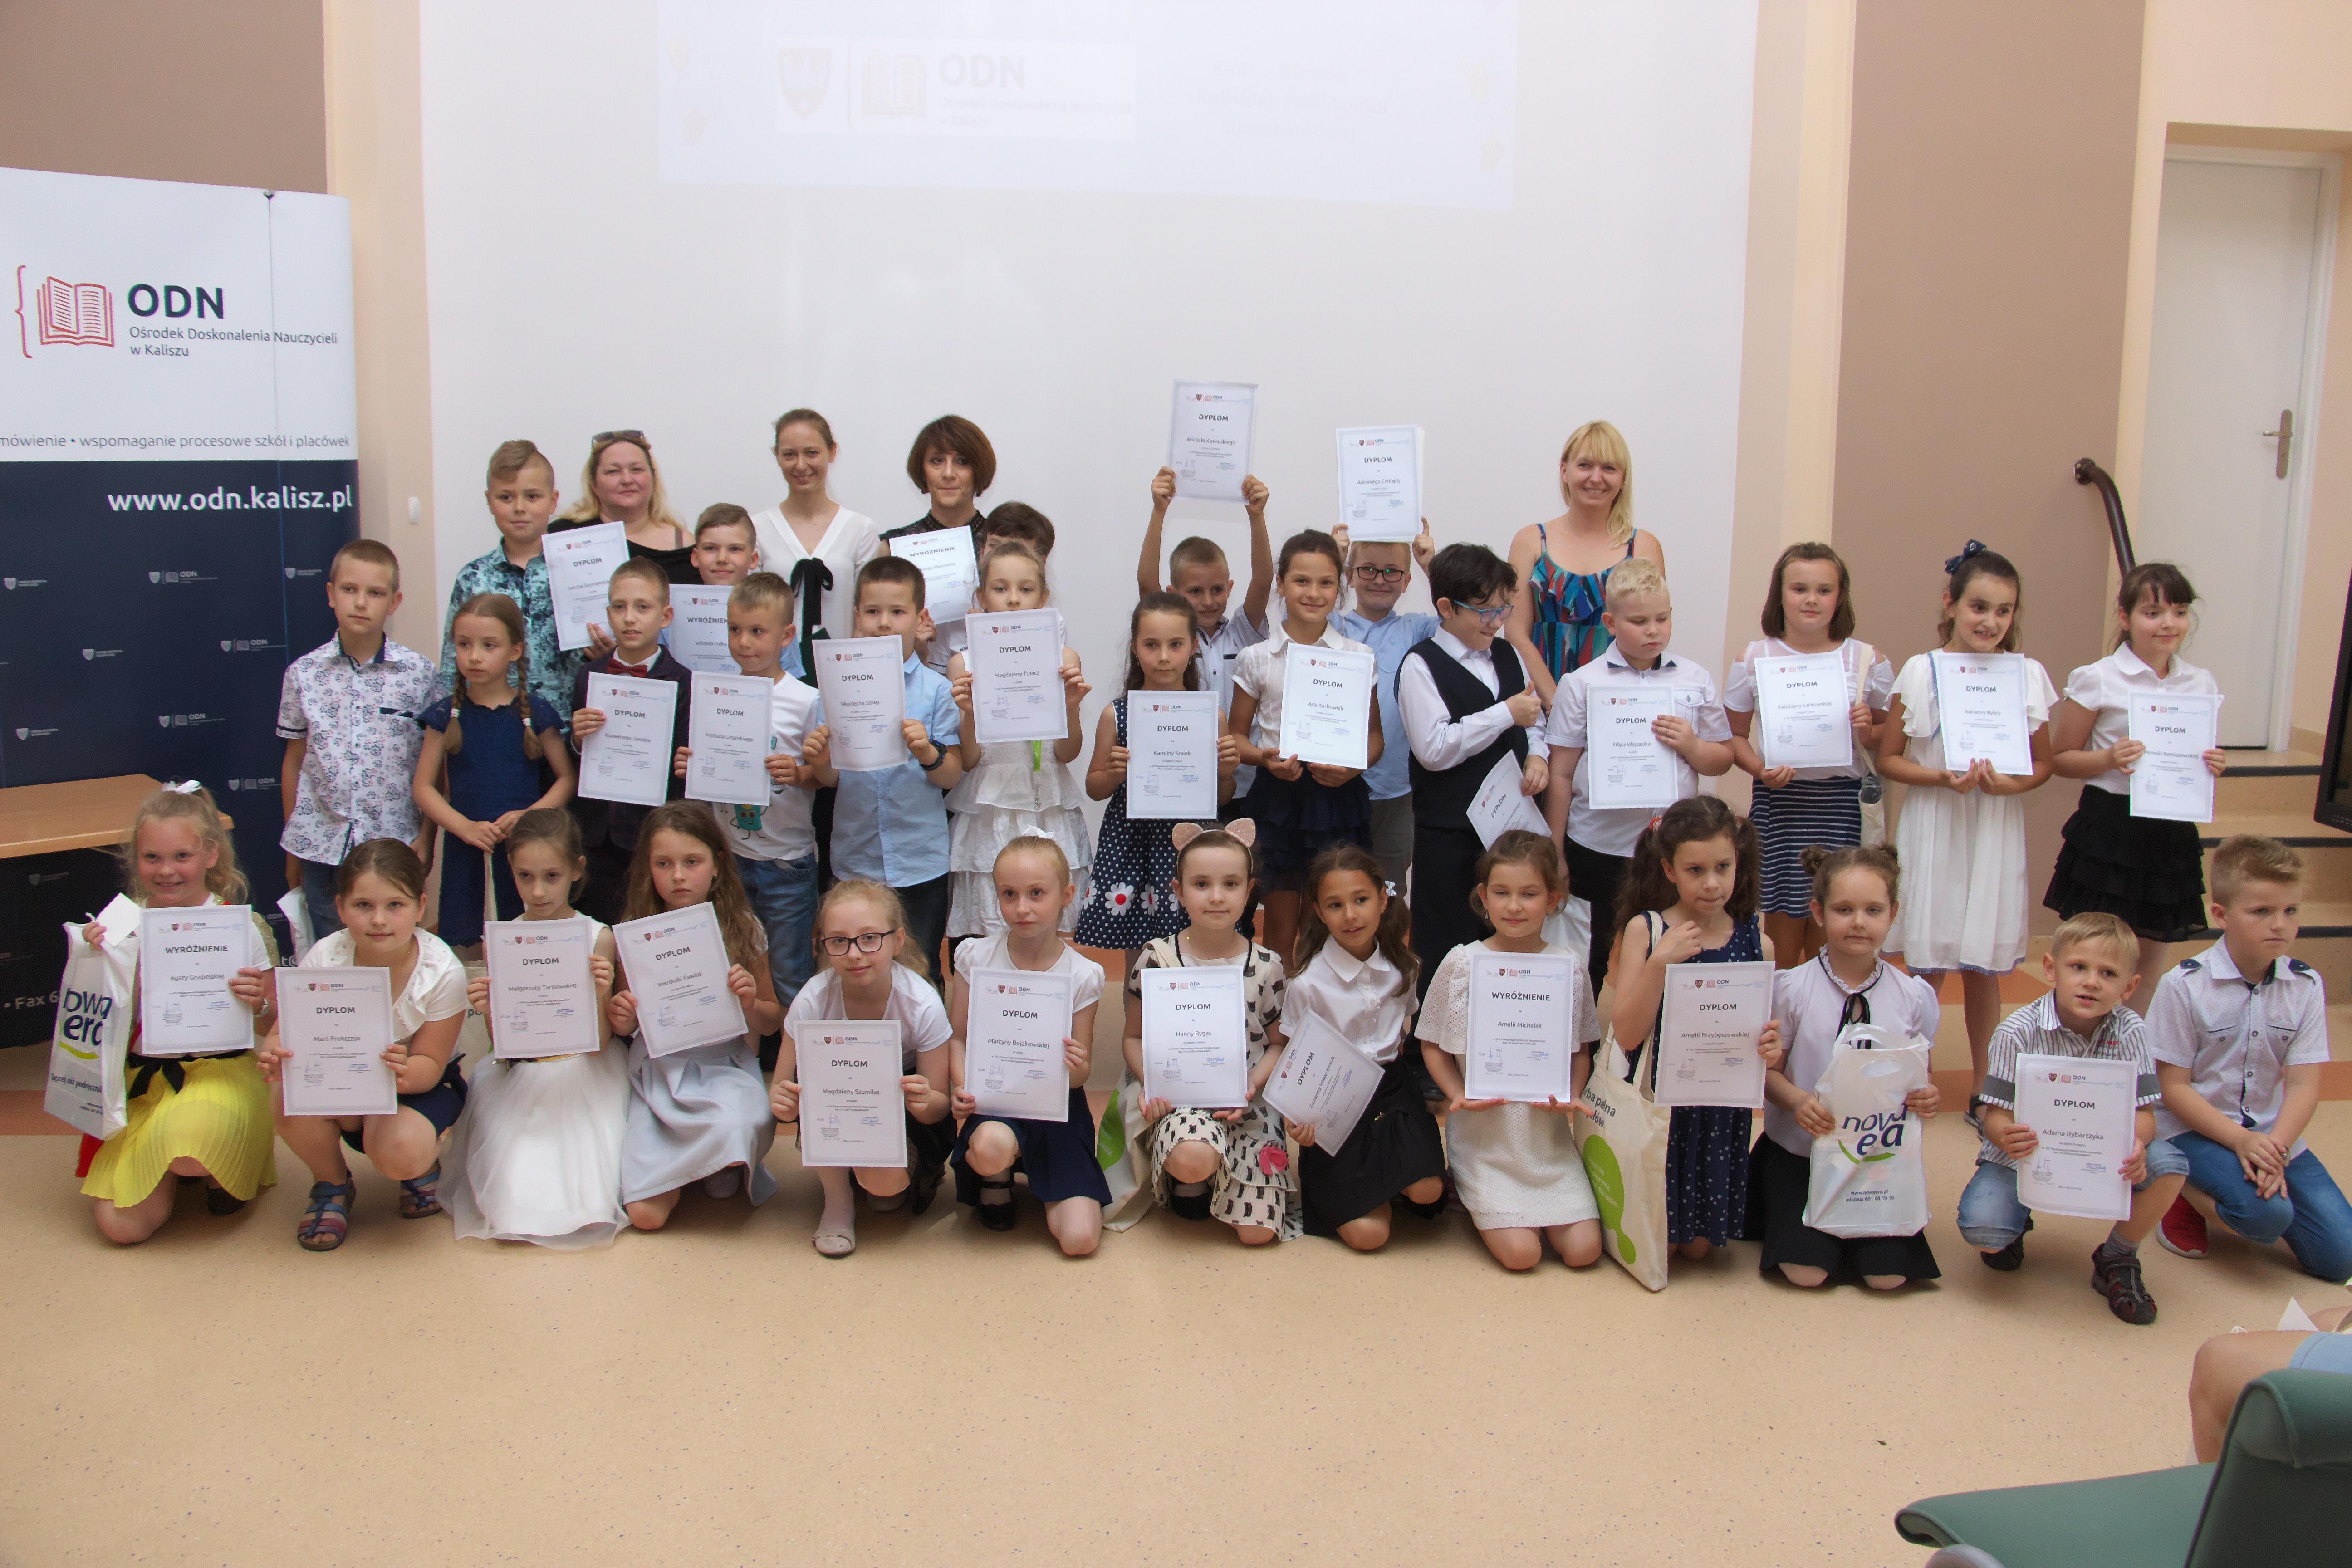 XIV Powiatowy Konkurs Recytatorski dla uczniów klas I-III szkół podstawowych z terenu powiatu kalskiego.